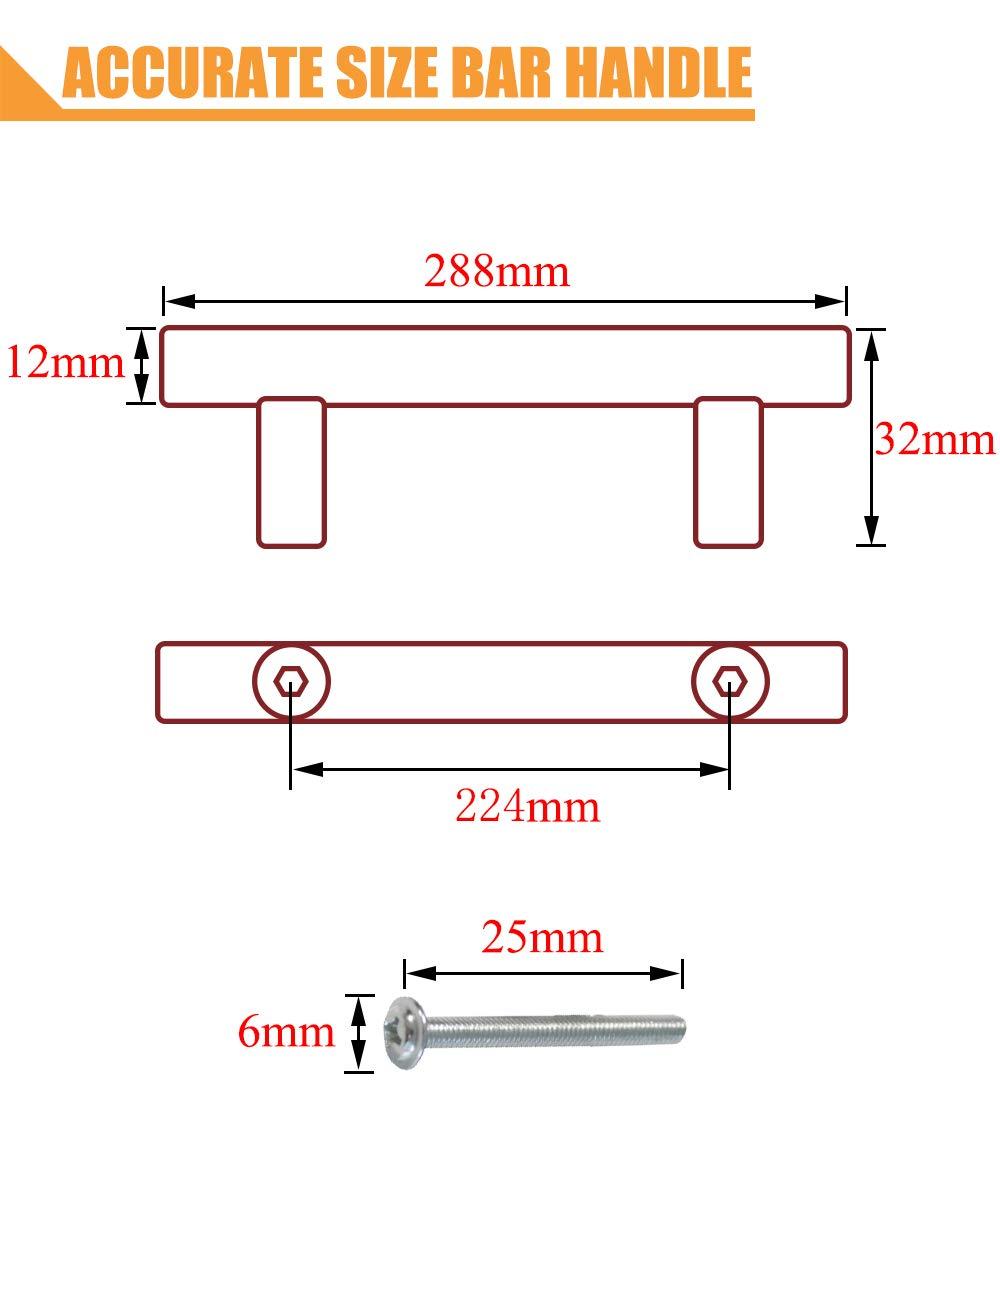 Tiradores de acero inoxidable para puertas de armarios de cocina agujero /único rojo serie T PinLin color rojo con tornillos de 6 x 25 mm